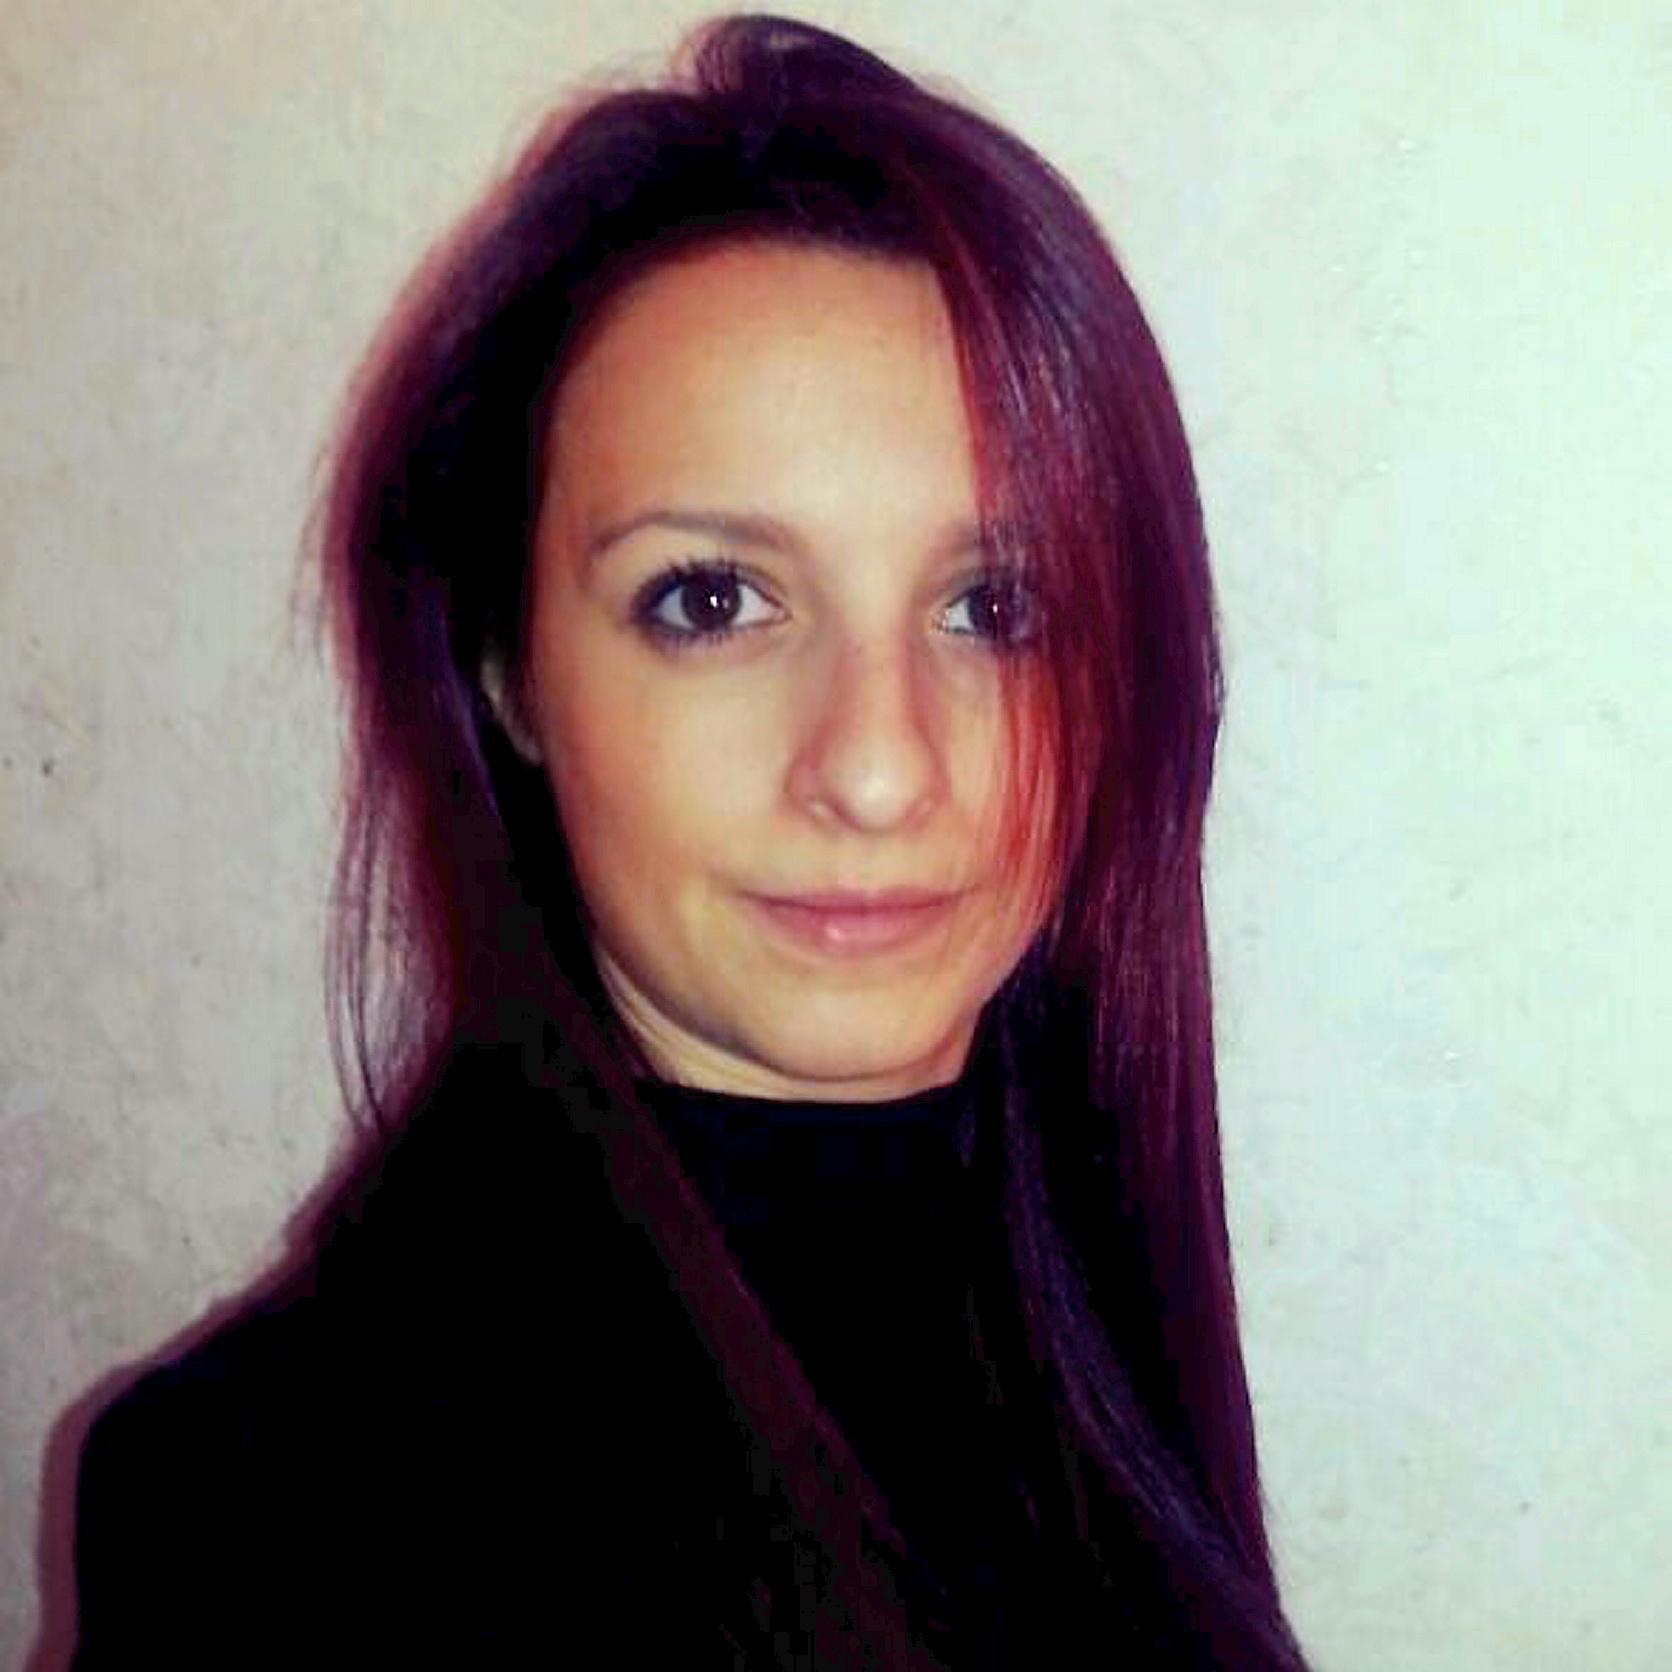 Accusò l'ex suocero del delitto: Veronica Panarello dal Gip di Ragusa